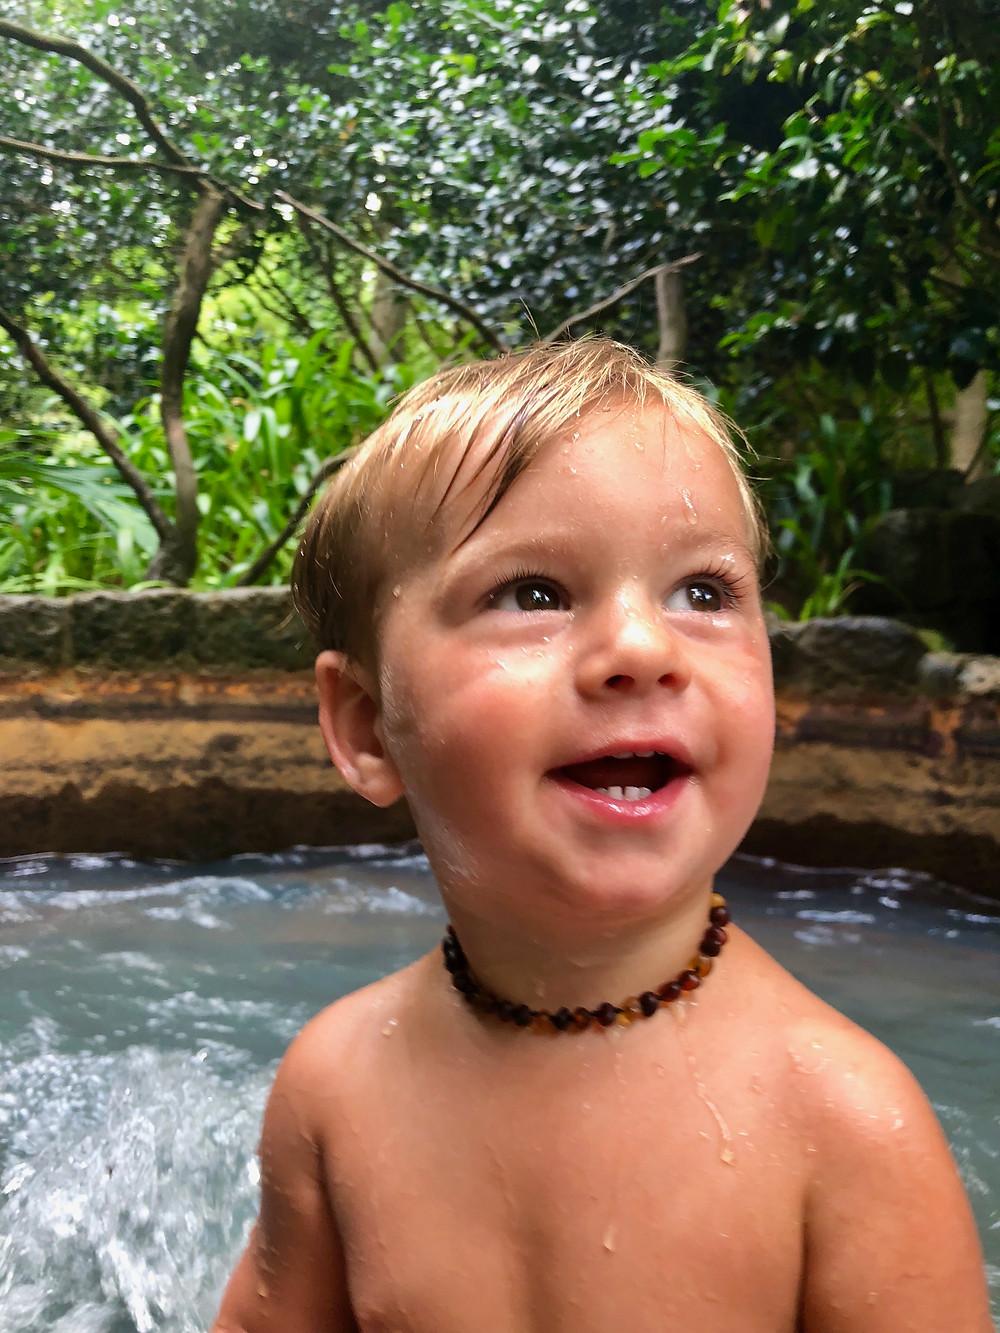 smiling boy wearing amber teething necklace